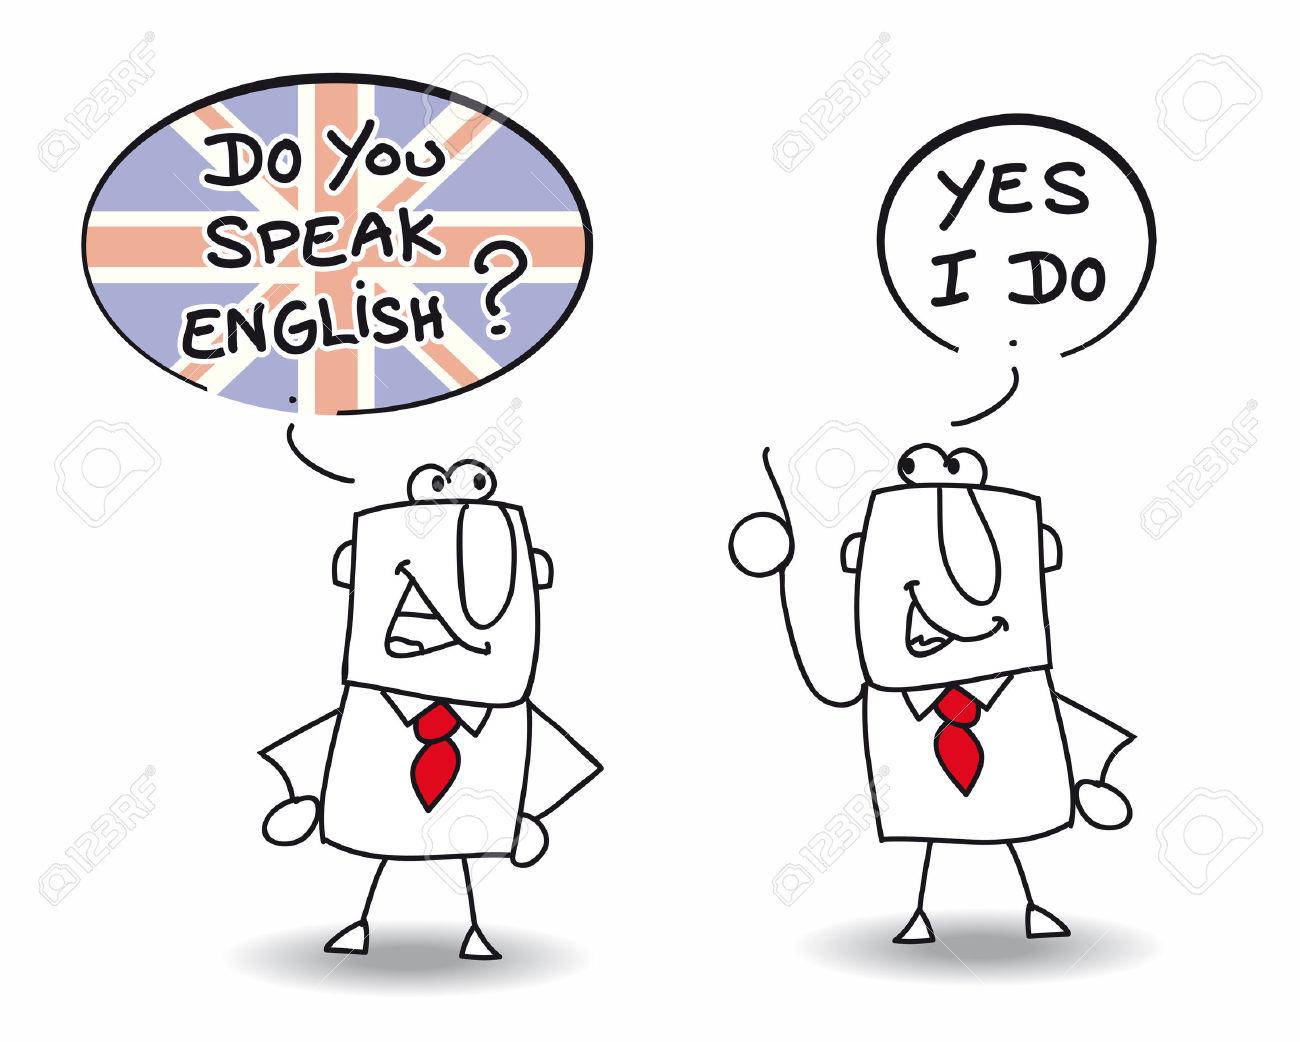 nói chuyện với người nước ngoài trên mạng